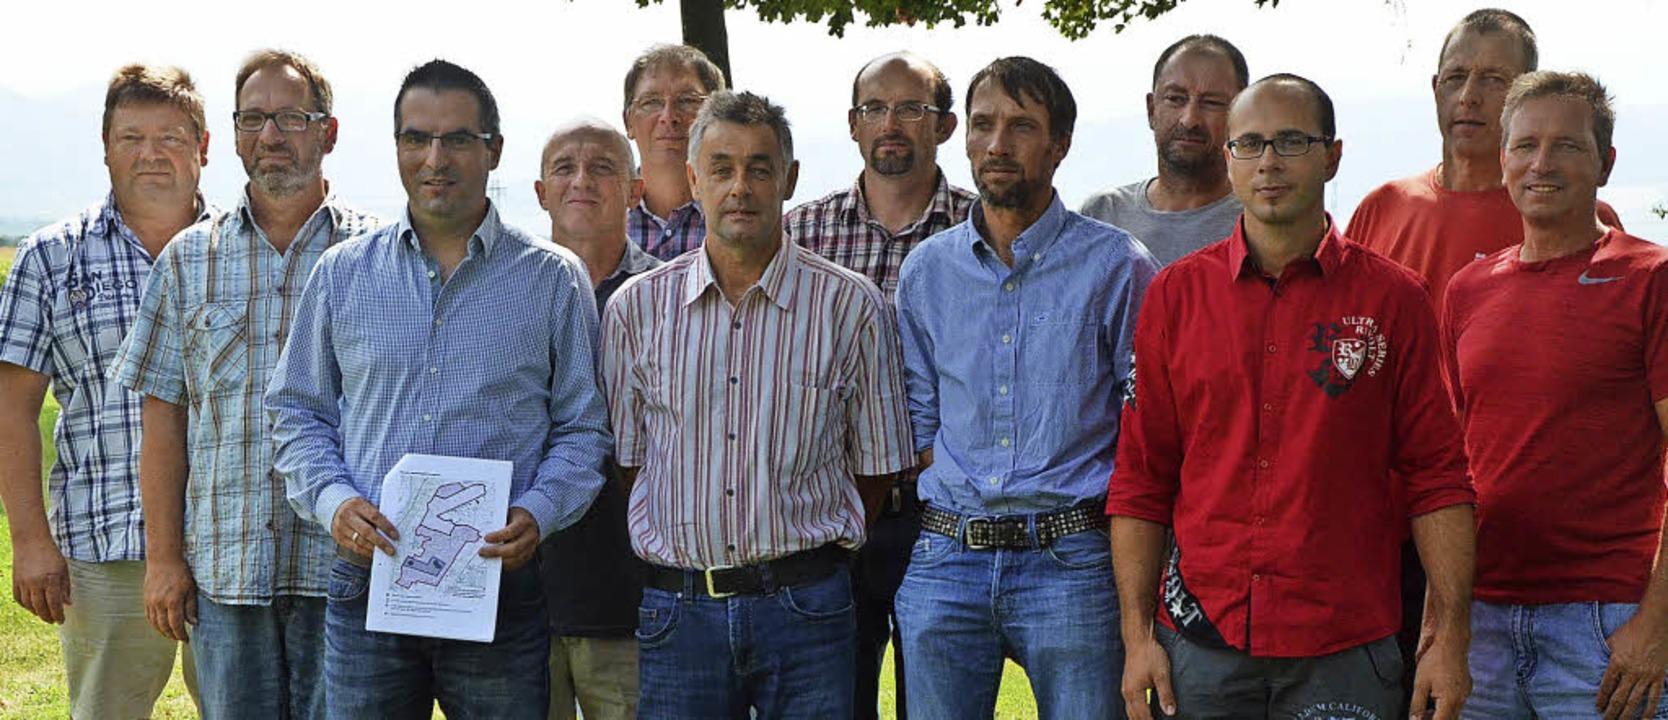 Diese zwölf Landwirte klagen stellvert...ung des Vogelschutzgebiets Bremgarten.  | Foto: Fedricks Zelaya/fotolia.com